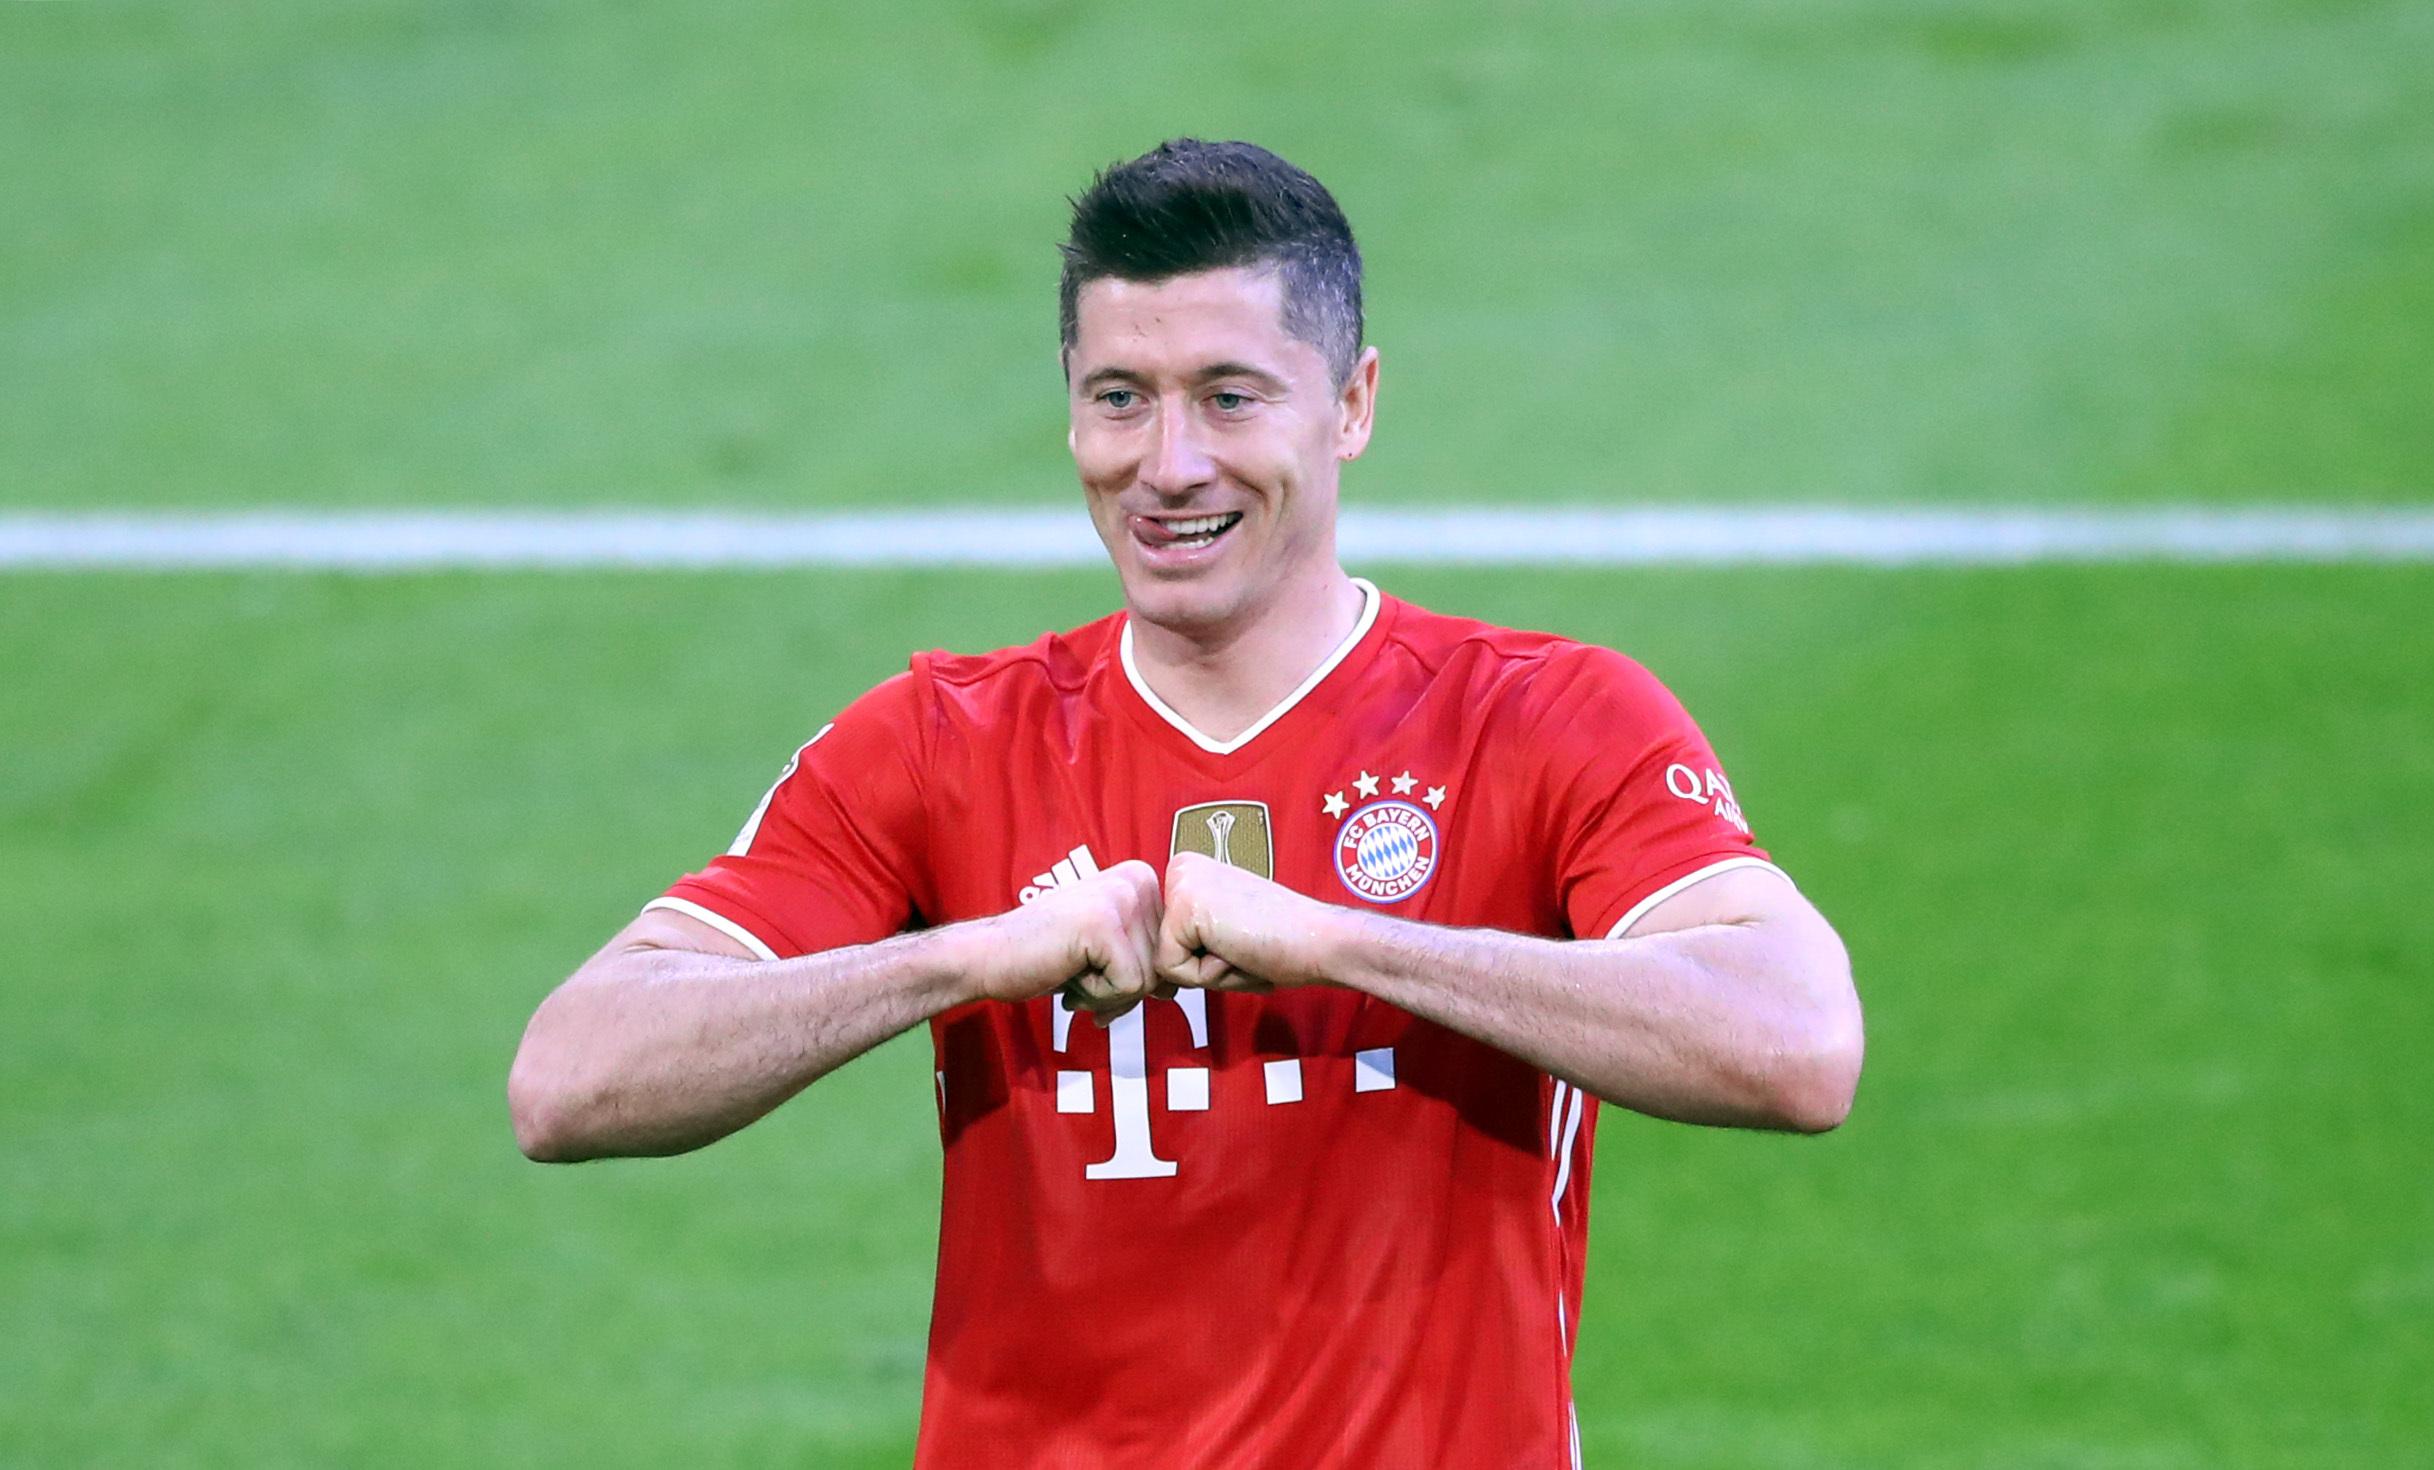 Robert Lewandowski wurde 2021 zum Weltfußballer gekürt - was die Einnahmen angeht hat er es dagegen gerade so in das Ranking geschafft.